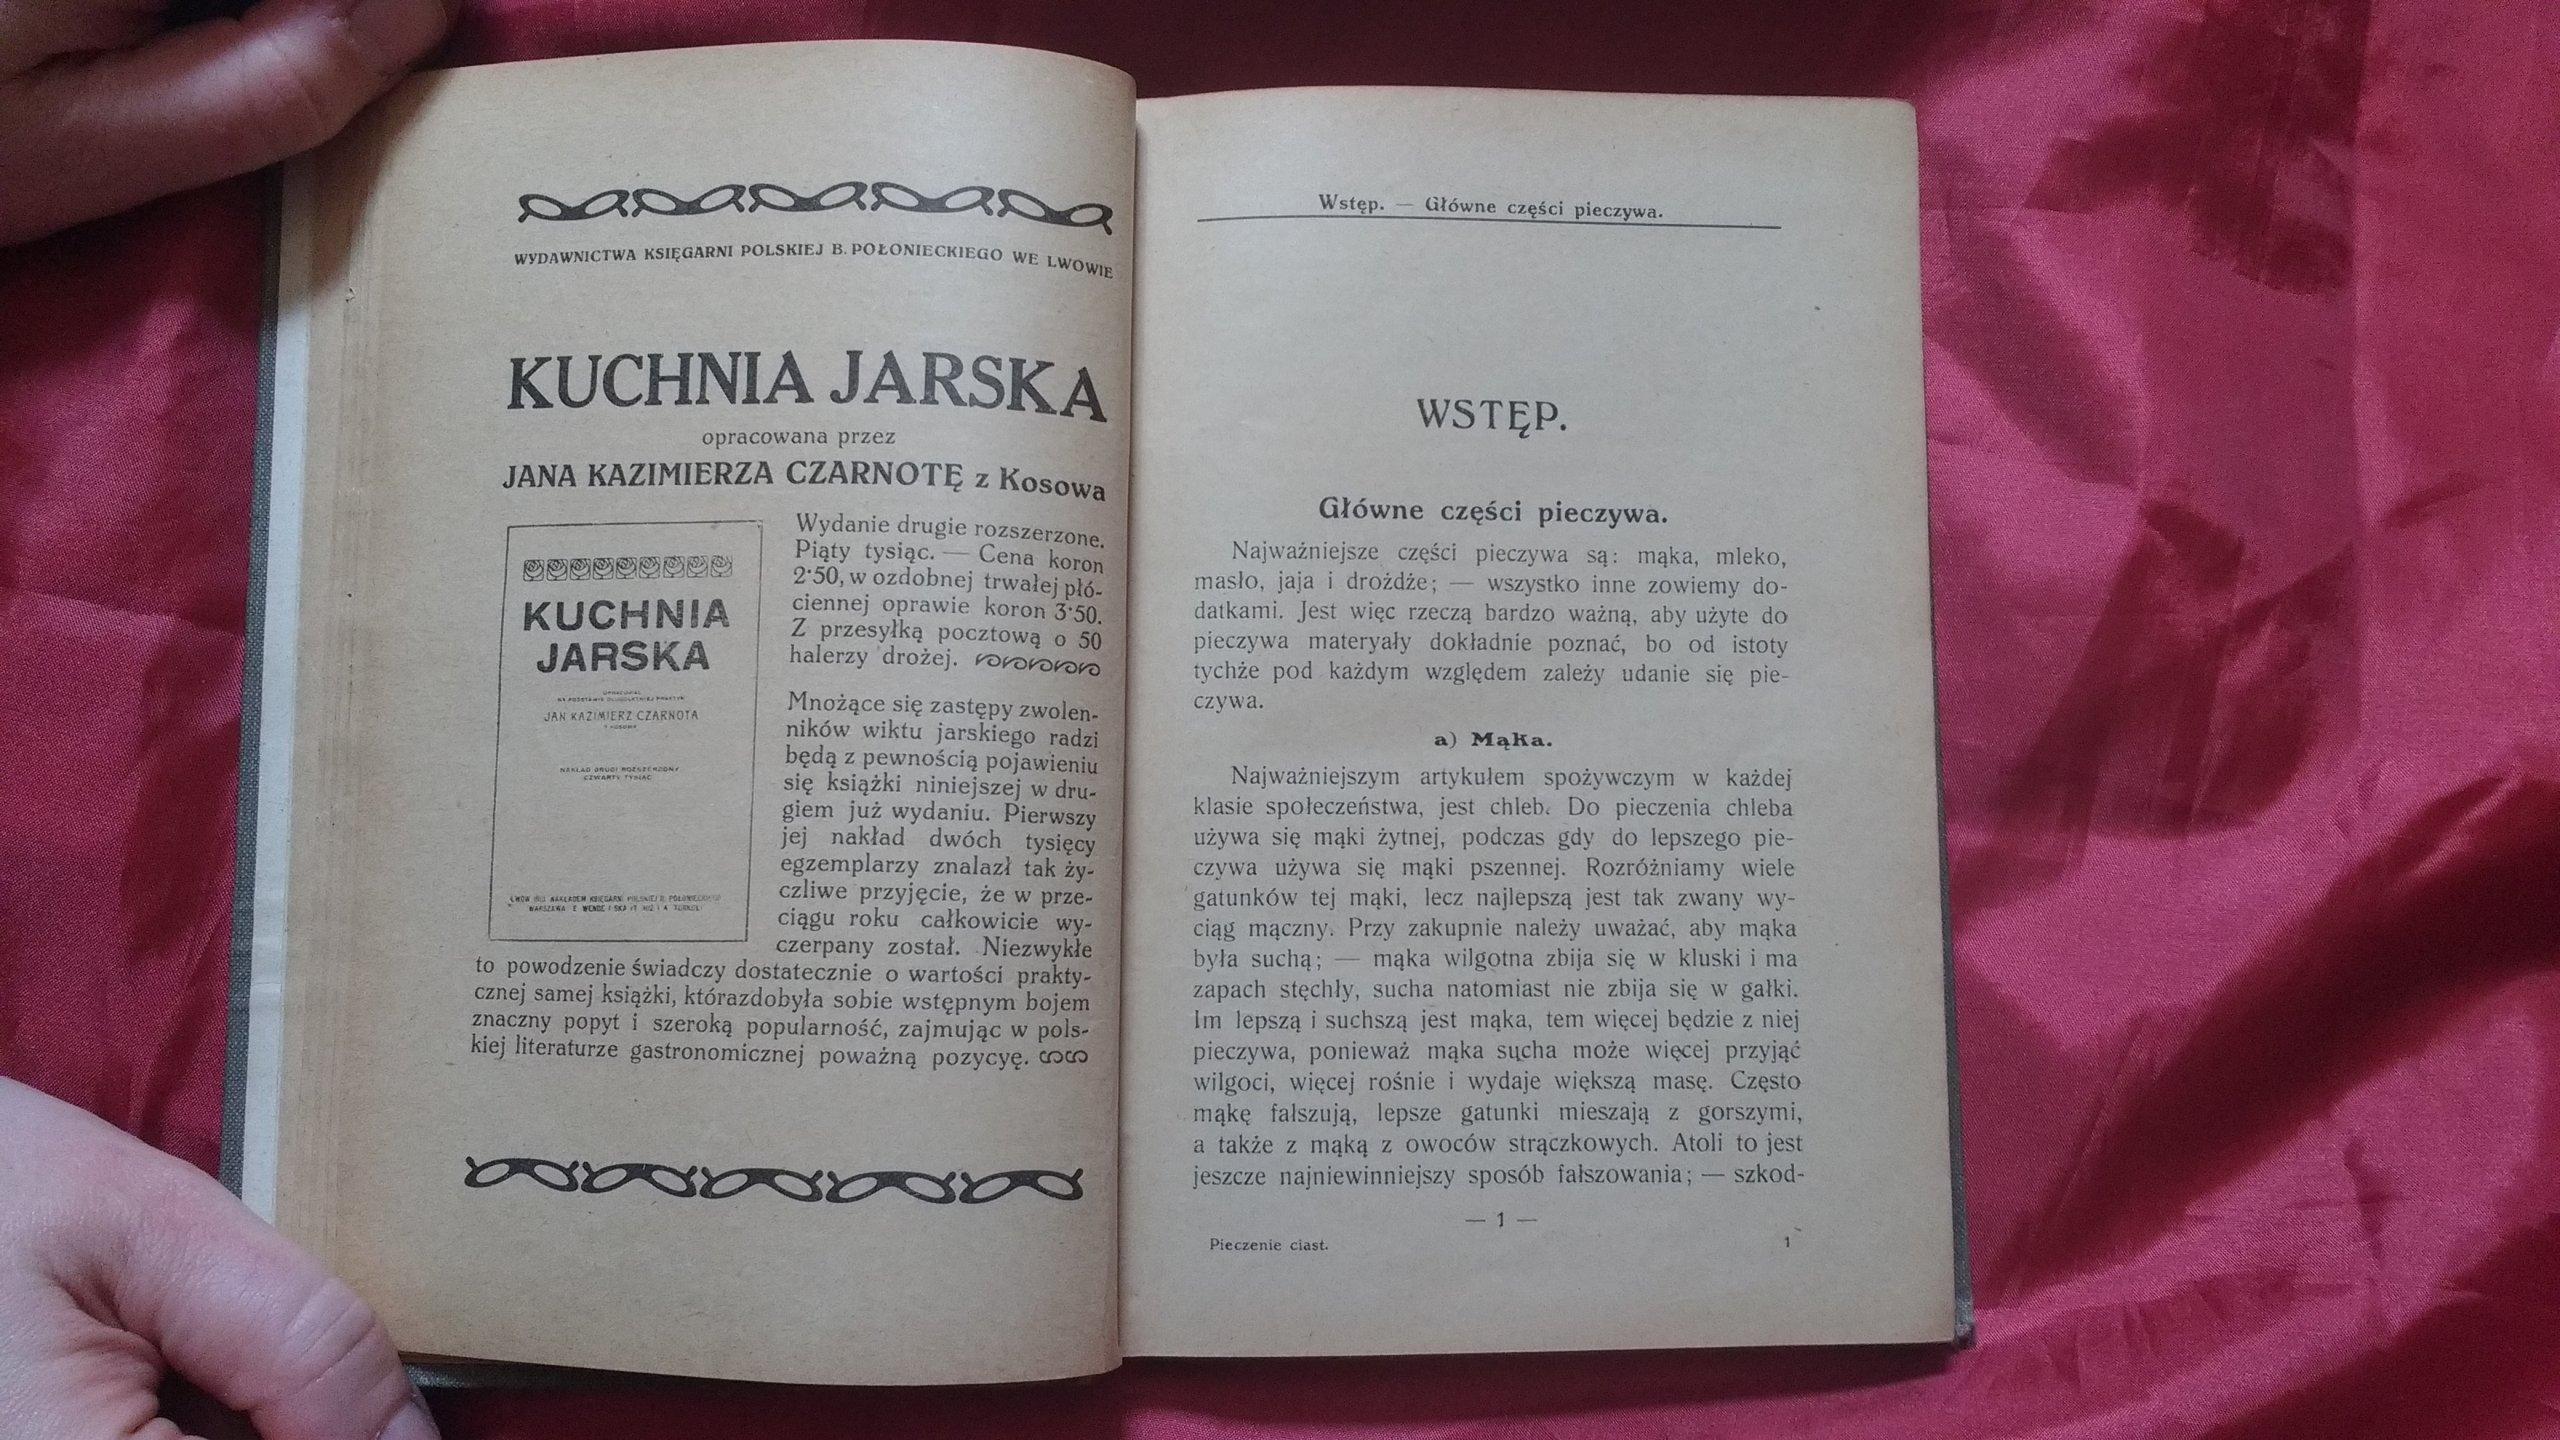 Roza Makarewicz Pieczenie Ciast Kuchnia Polska 7331273529